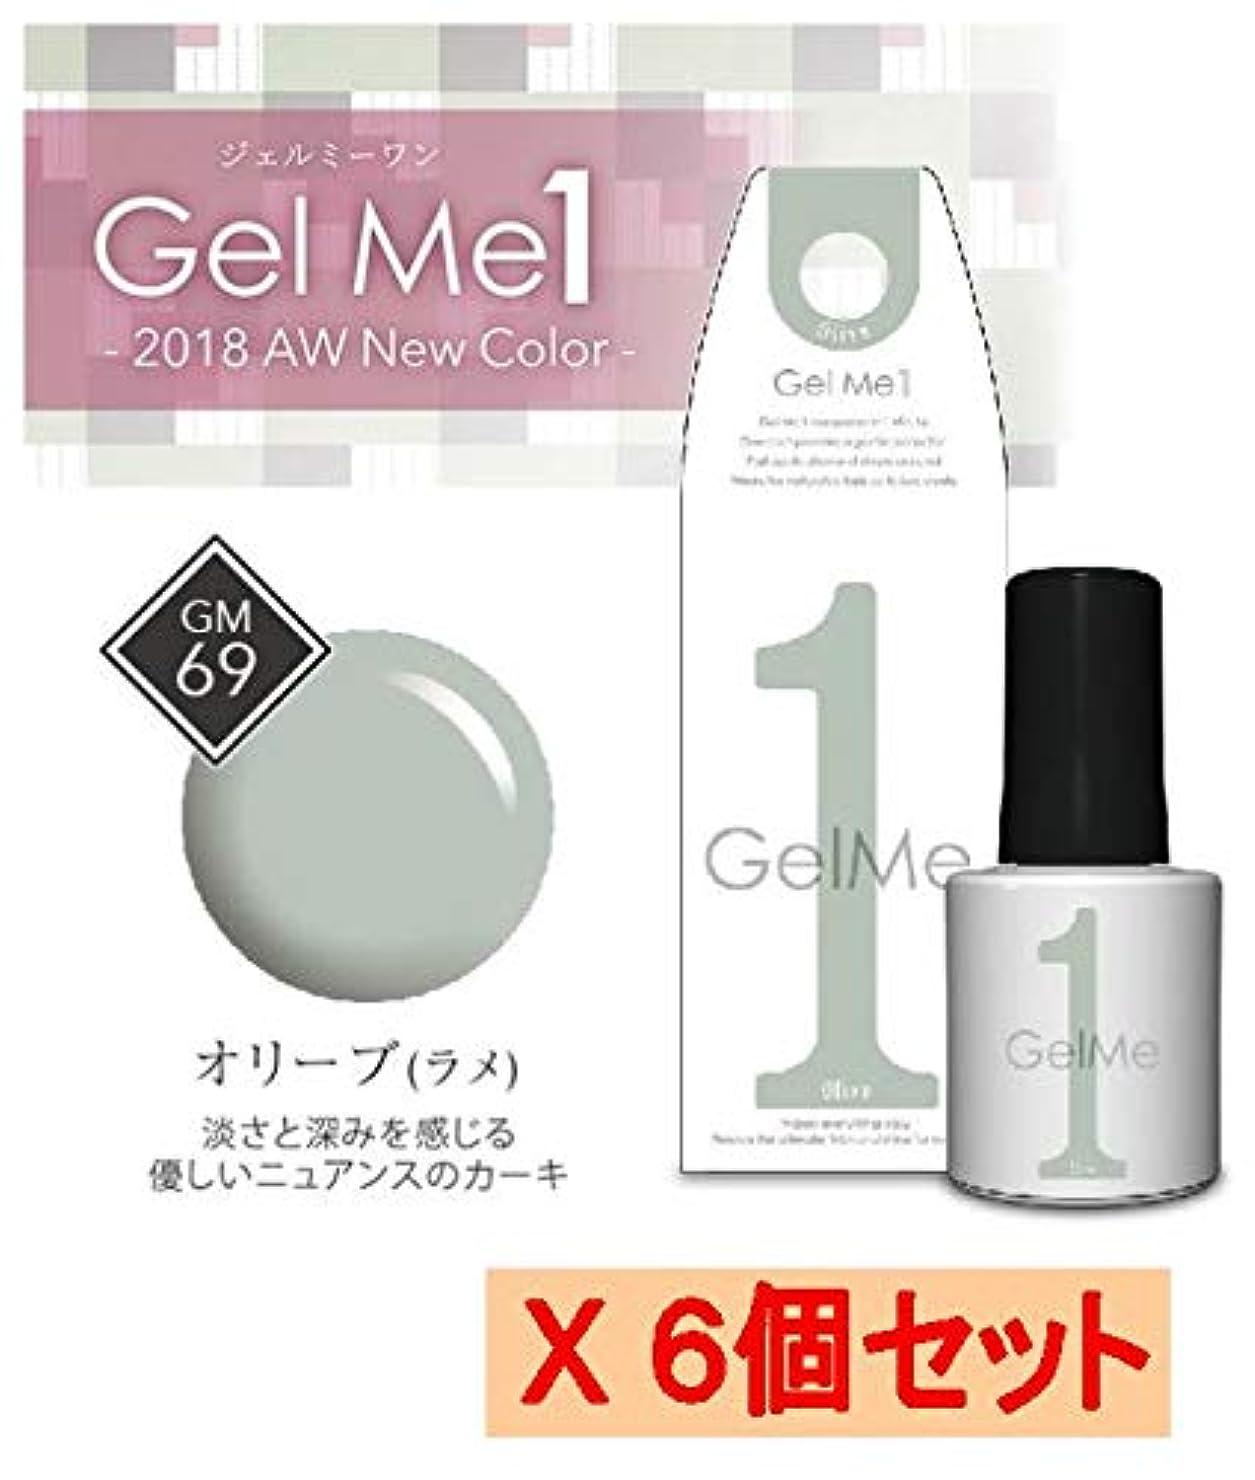 予測子有彩色のオフジェルミーワン[GelMe1] GM-69 オリーブ(ラメ) 【セルフ ジェルネイル ジェル】 X6個セット